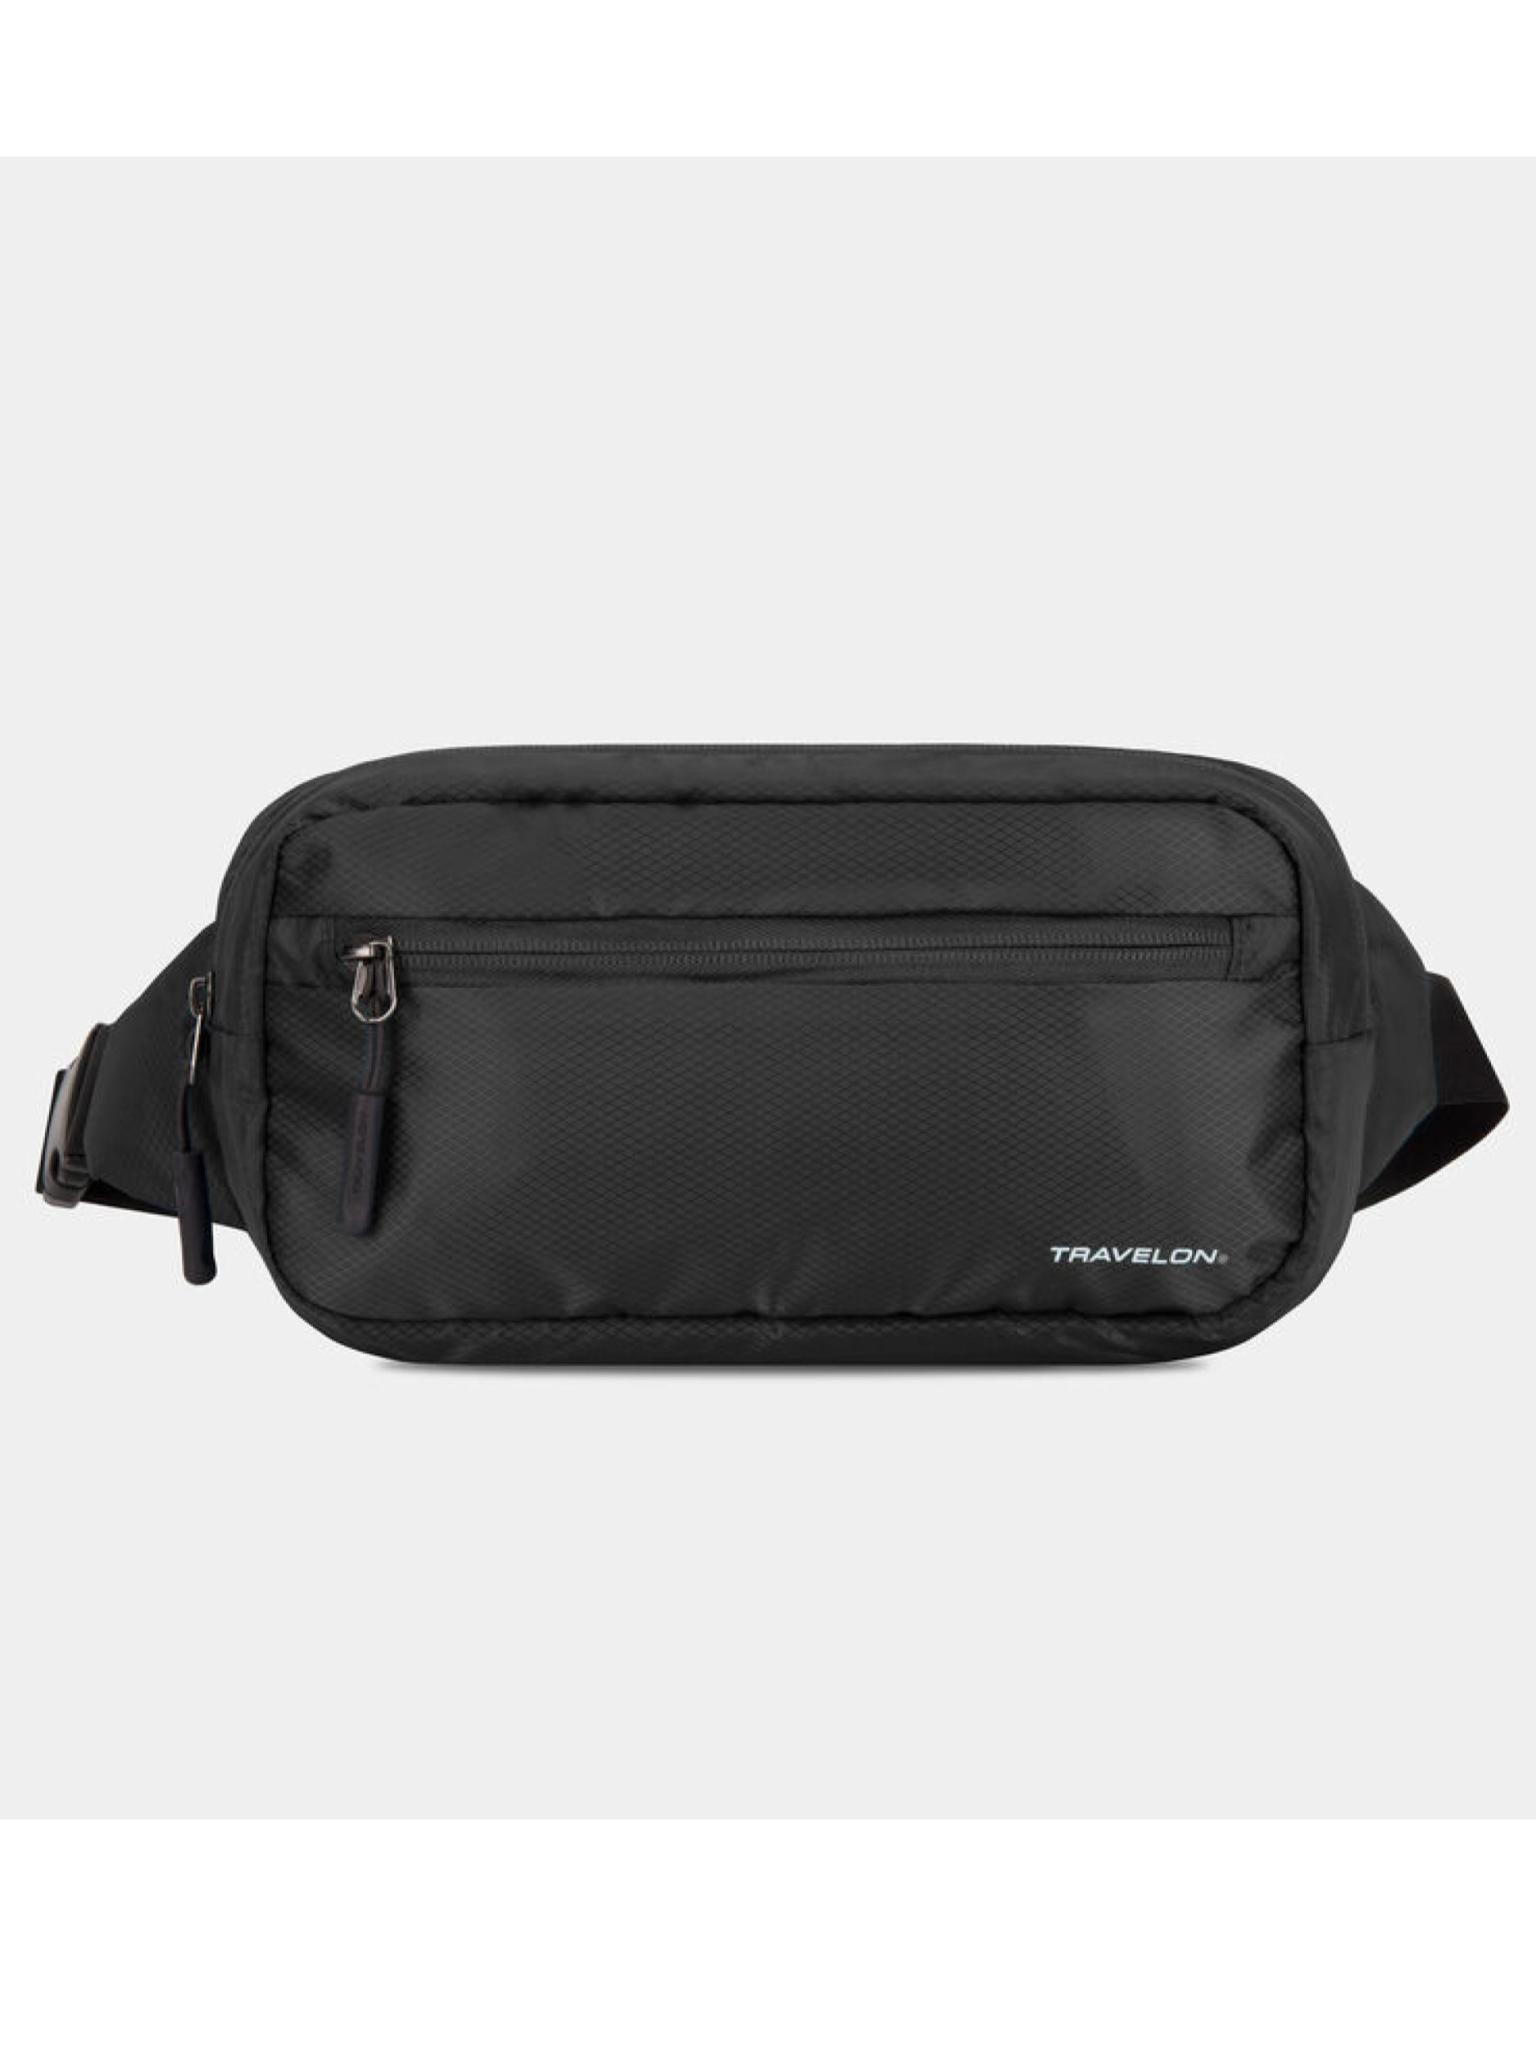 Travelon Convertible Sling/Waistpack